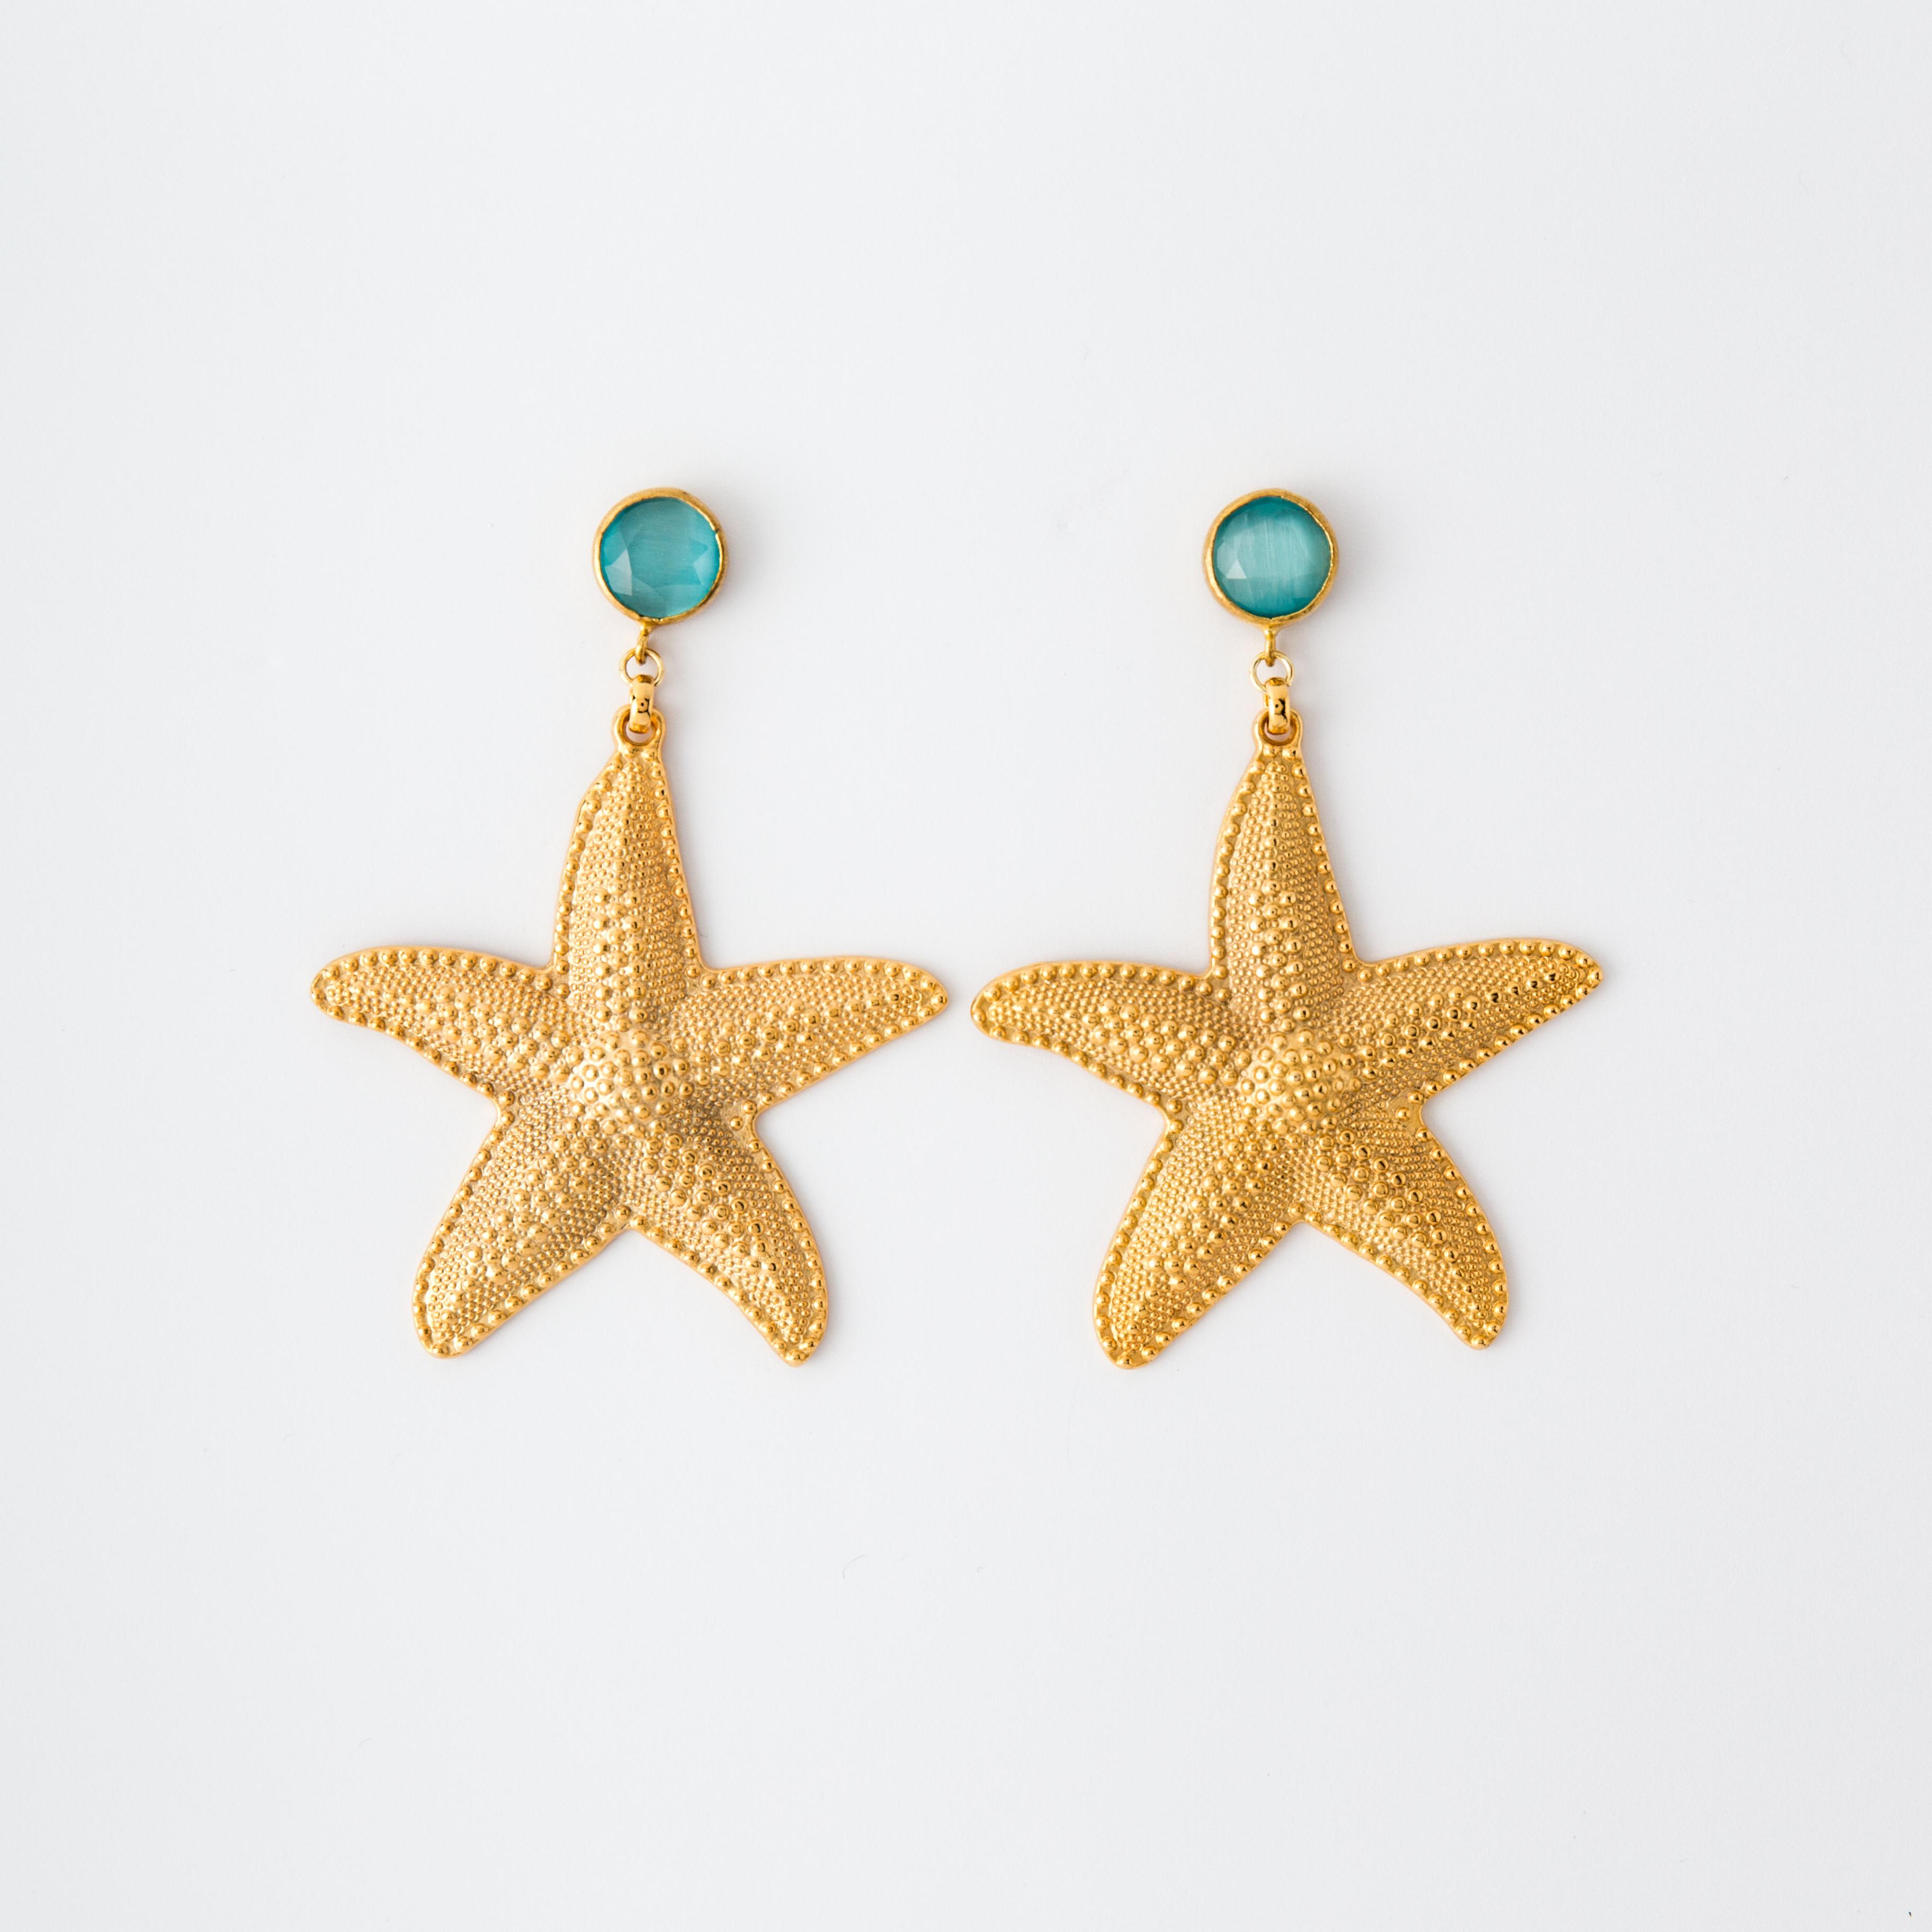 Orecchini stella marina in ottone galvanizzato